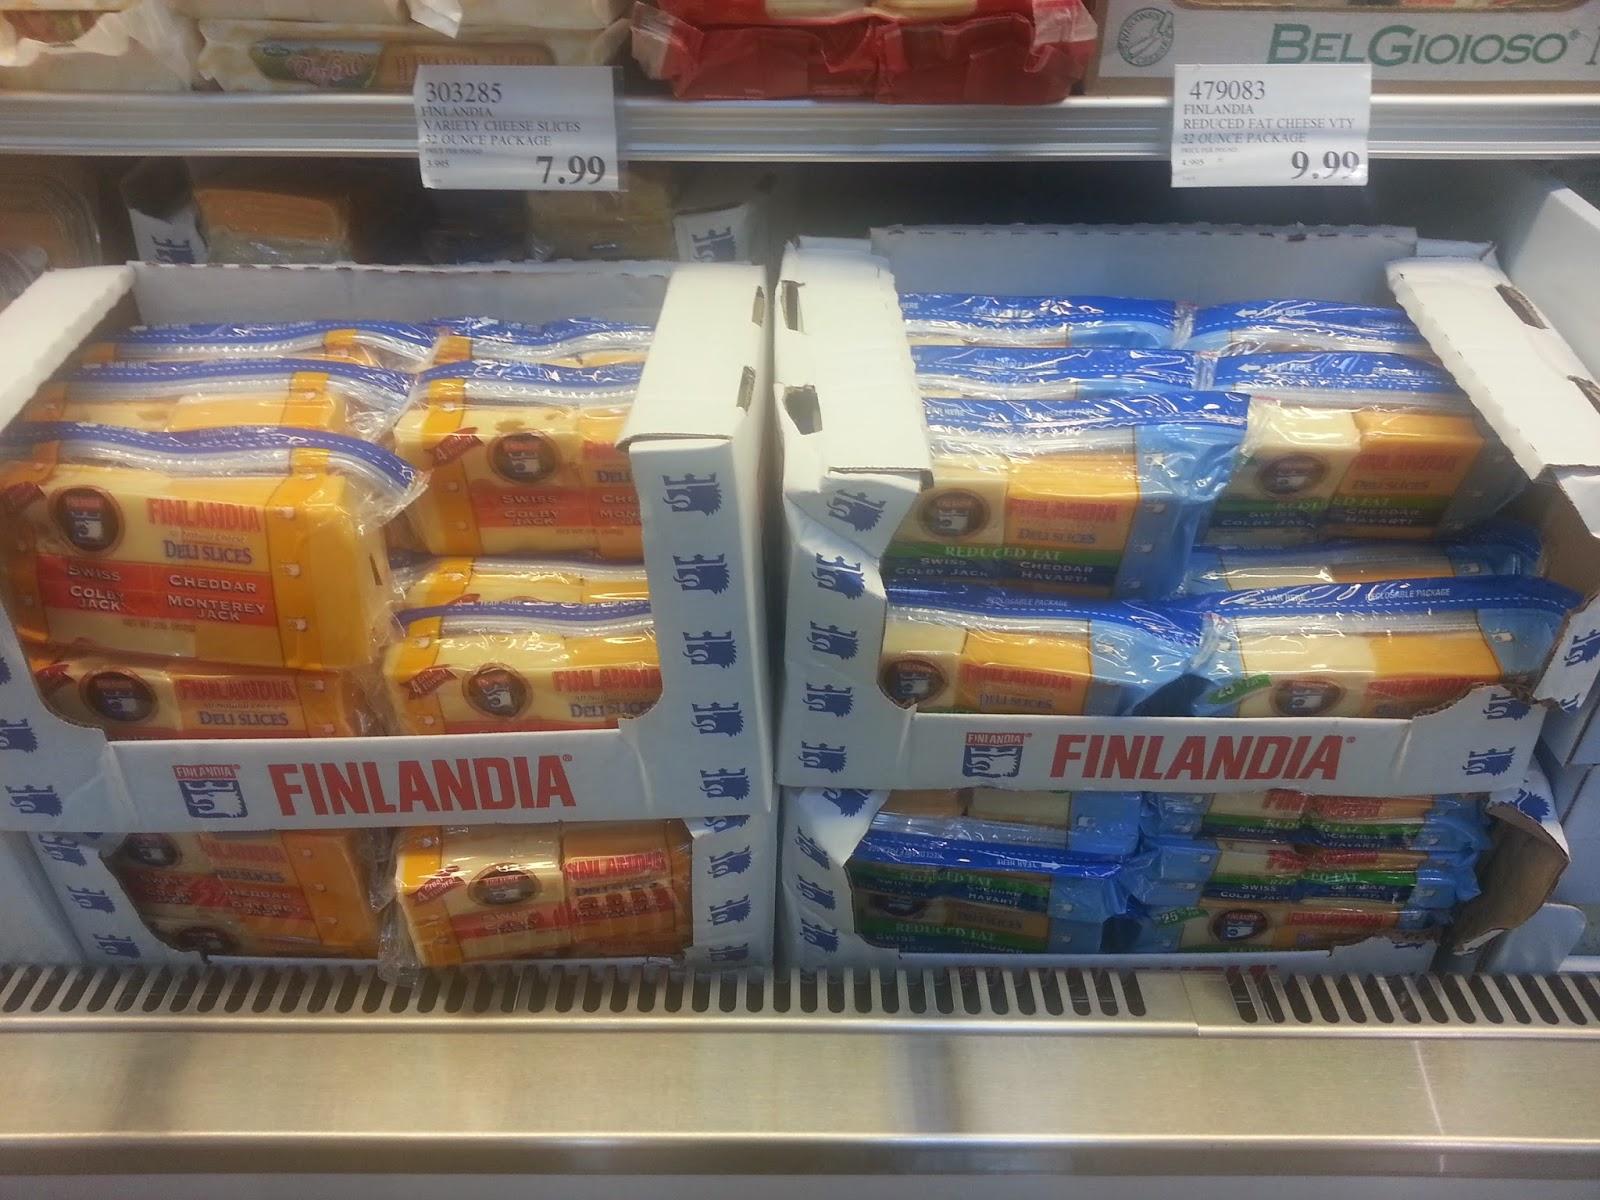 Suomalaisia Tuotteita